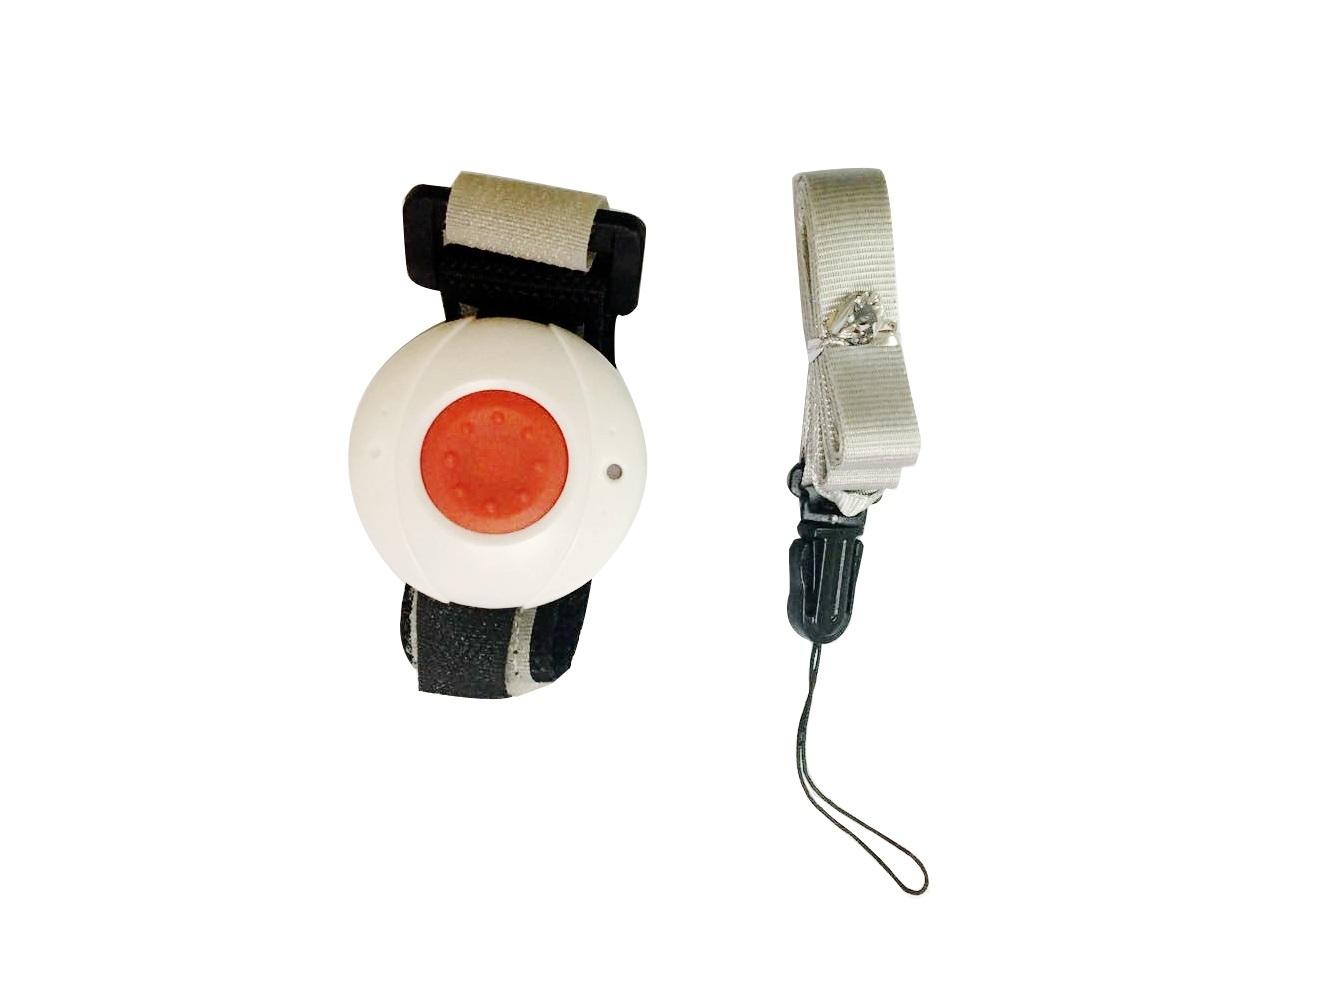 DIY Alarm System Flash Siren Door Sensor Remote Control SOS Emergency  Button PIR Detectors, Wolf-Guard, #S2